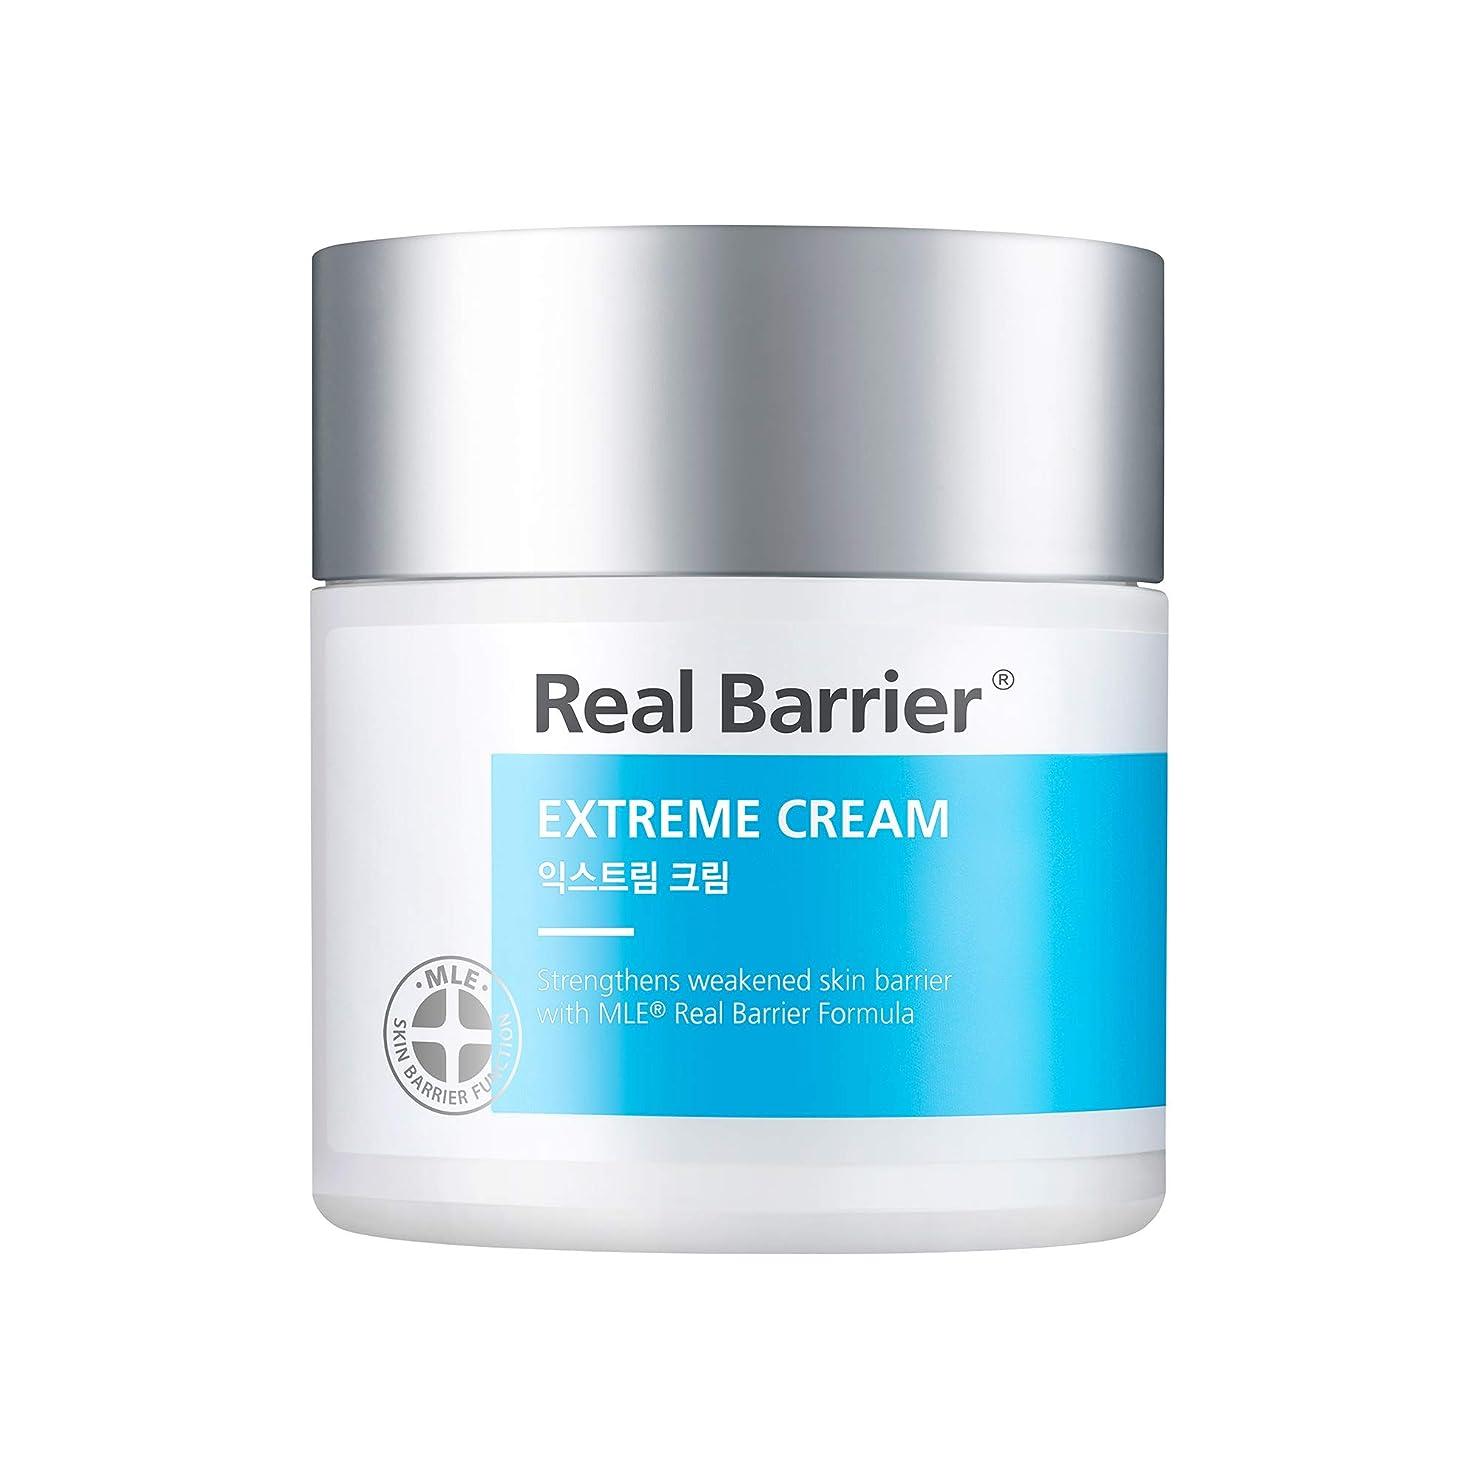 グラフ策定する正気アトパーム(atopalm) リアルベリアエクストリームクリーム/Atopam Real Barrier Extreme Cream